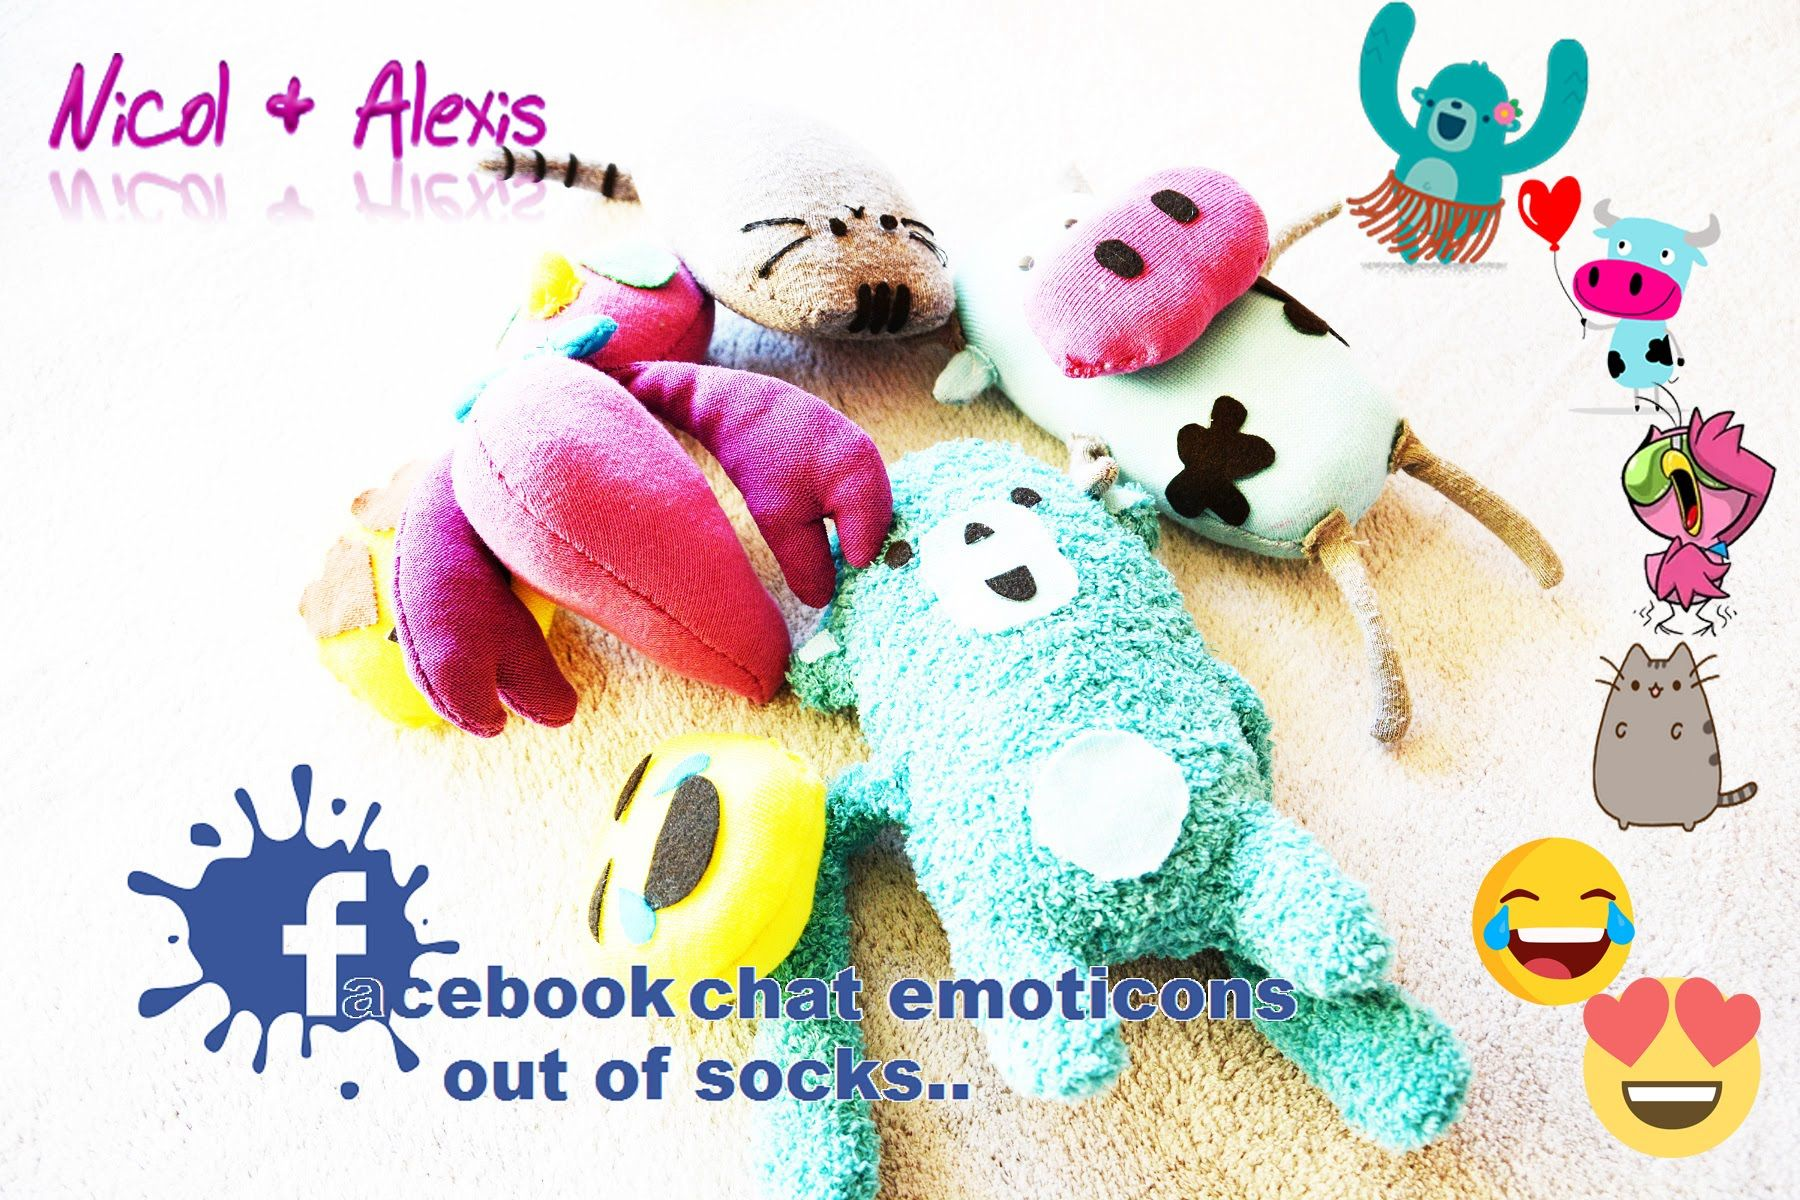 Facebook emojis out of socks